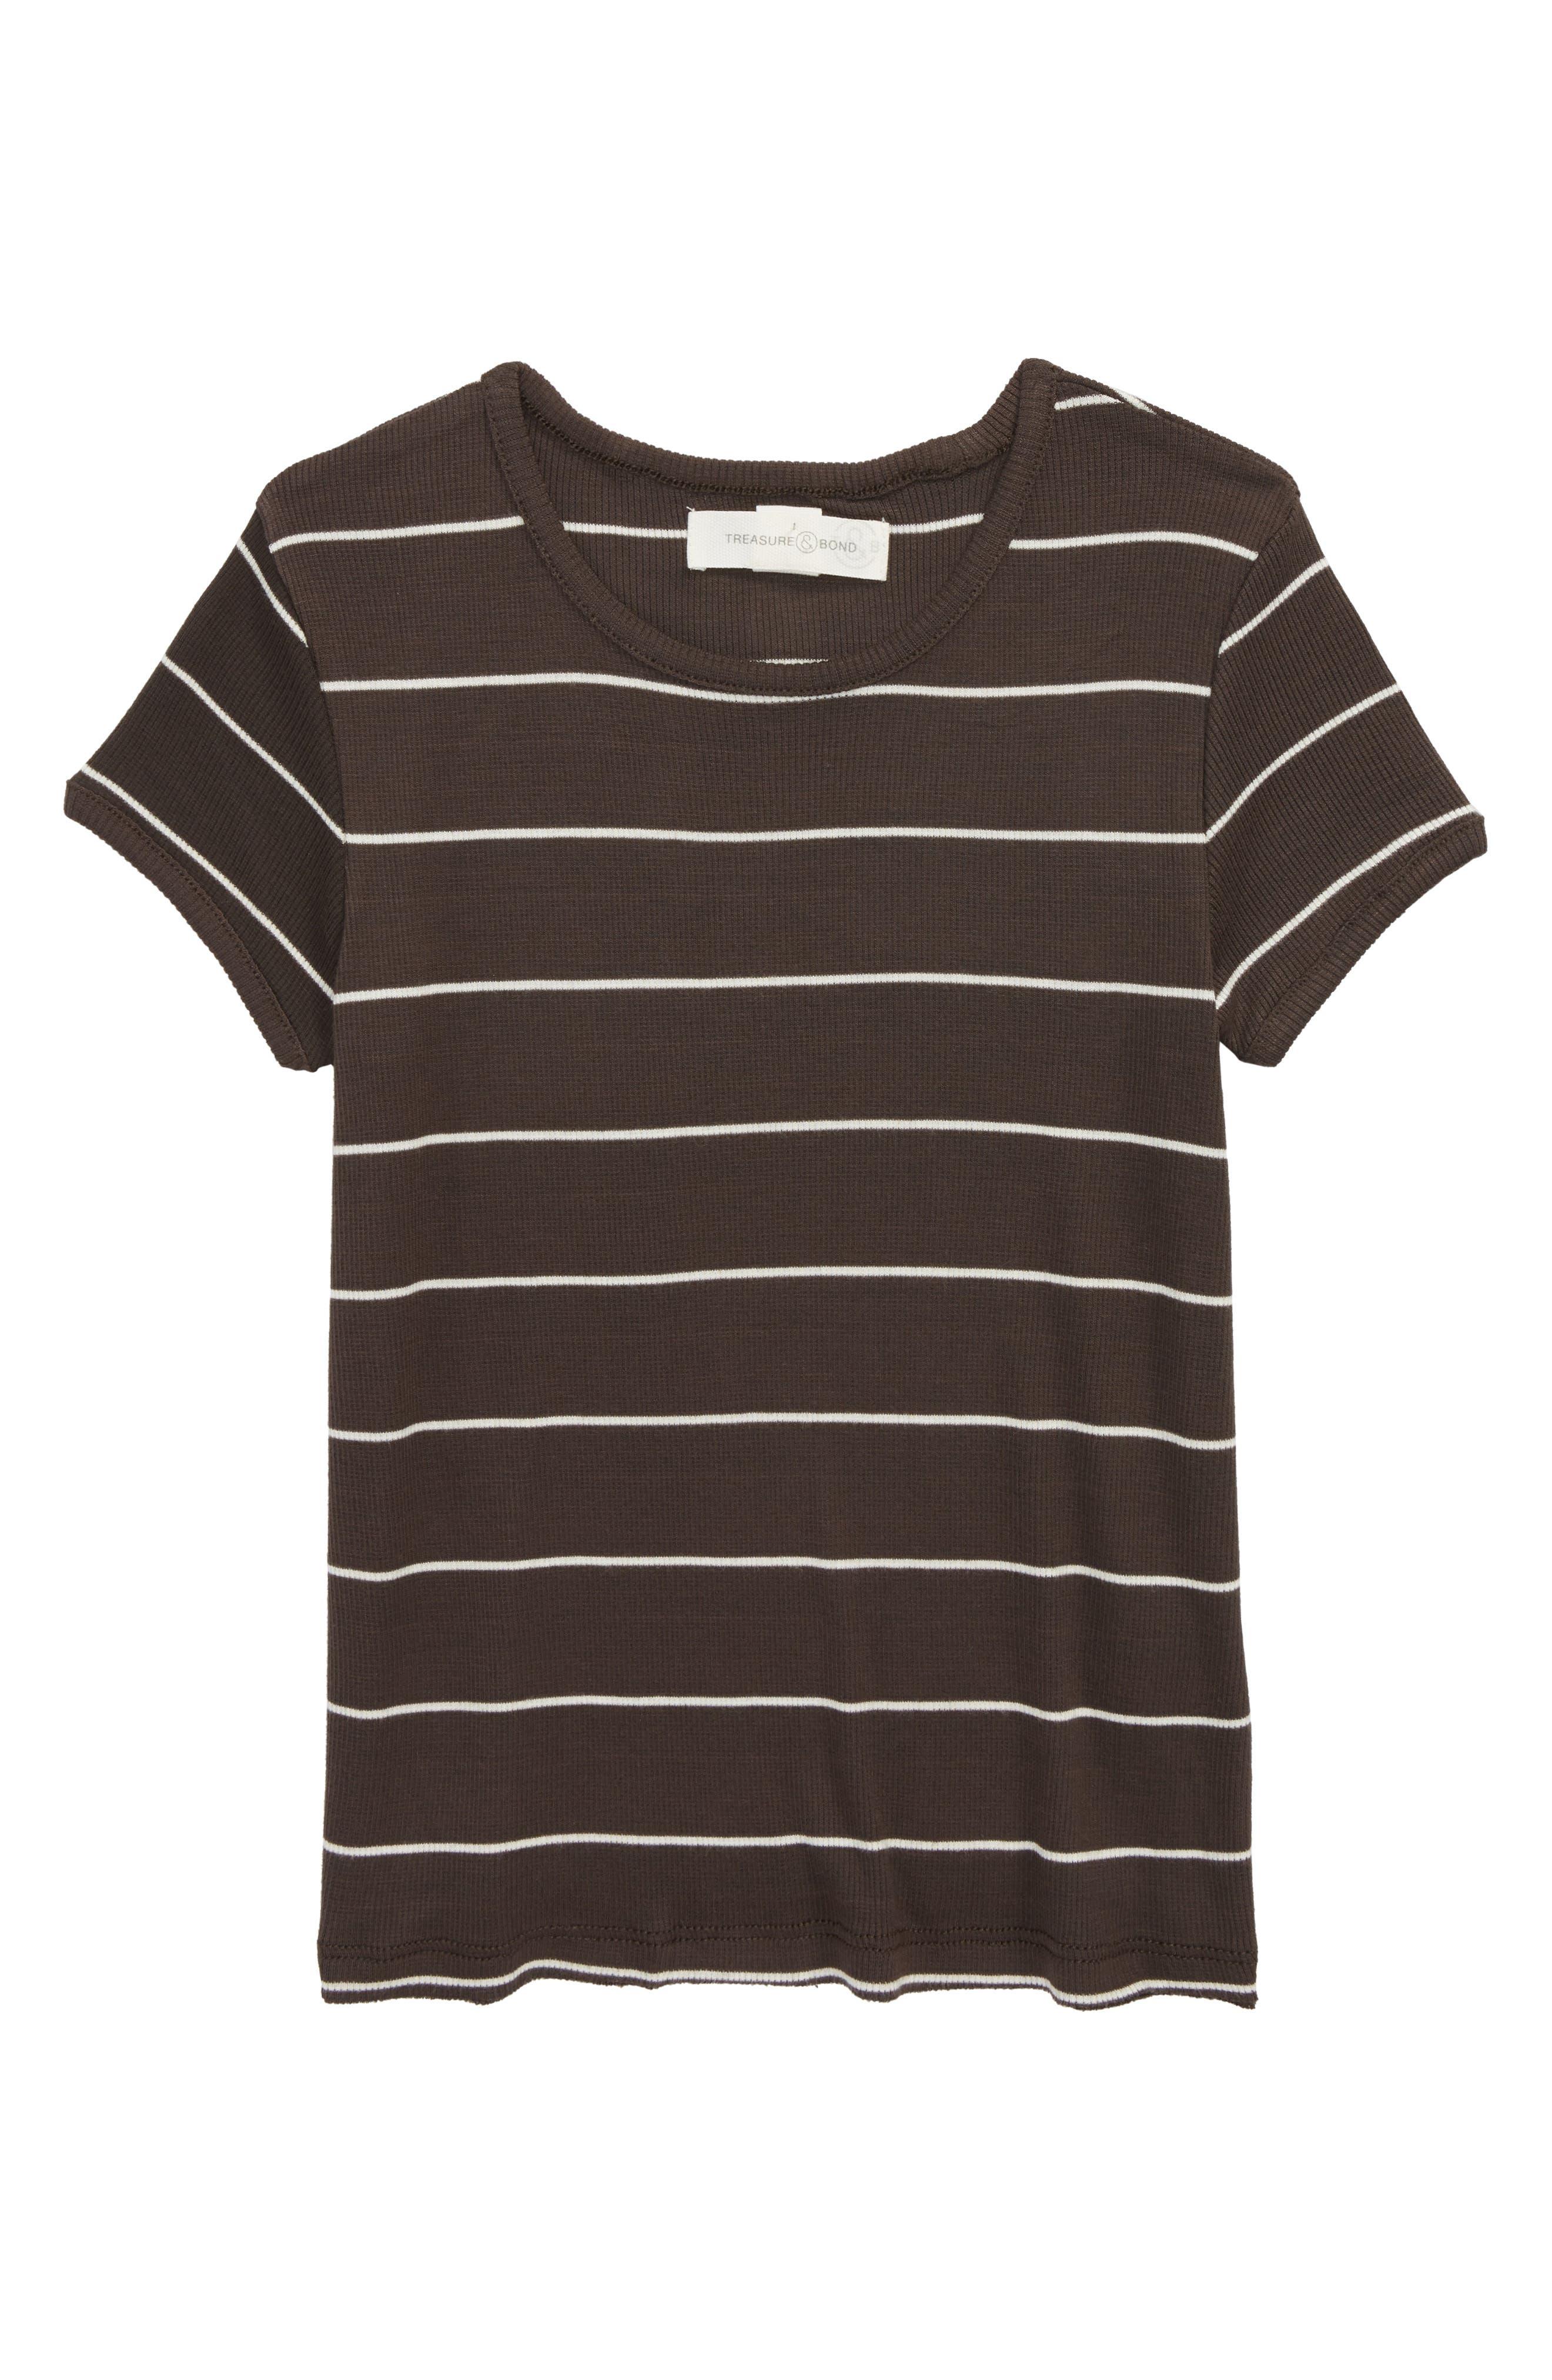 Stripe Knit Tee,                             Main thumbnail 1, color,                             BLACK RAVEN SKINNY STRIPE